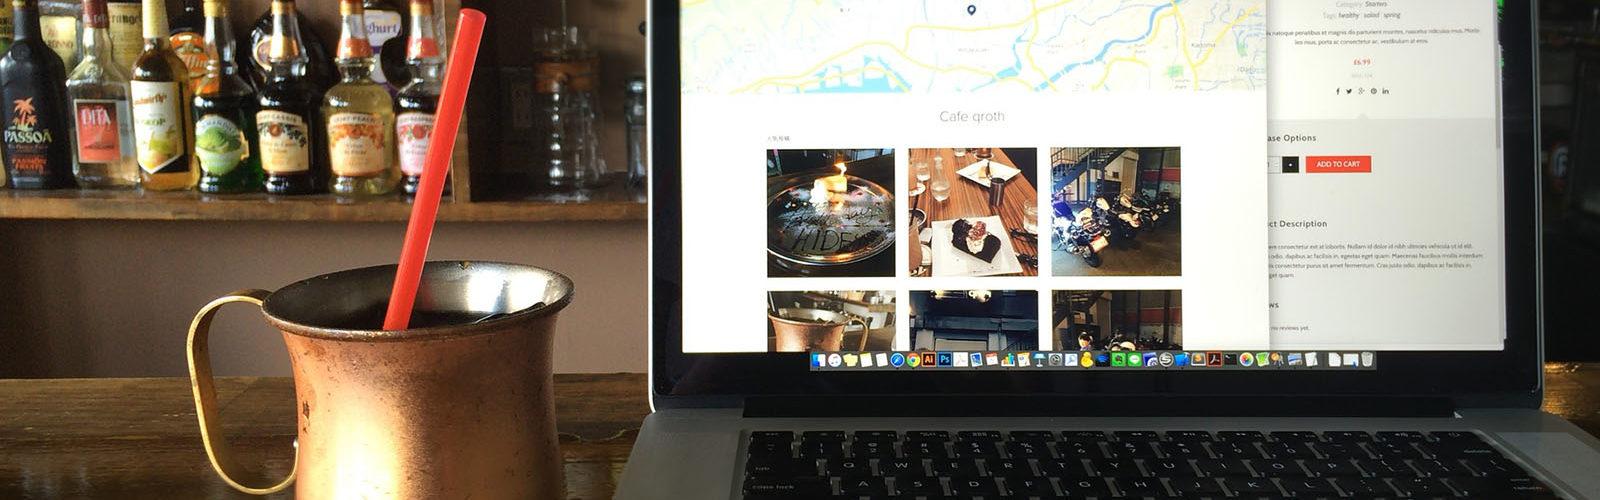 wifi-gratuit-san-francisco-lieux-travail-gratuits-sf-une